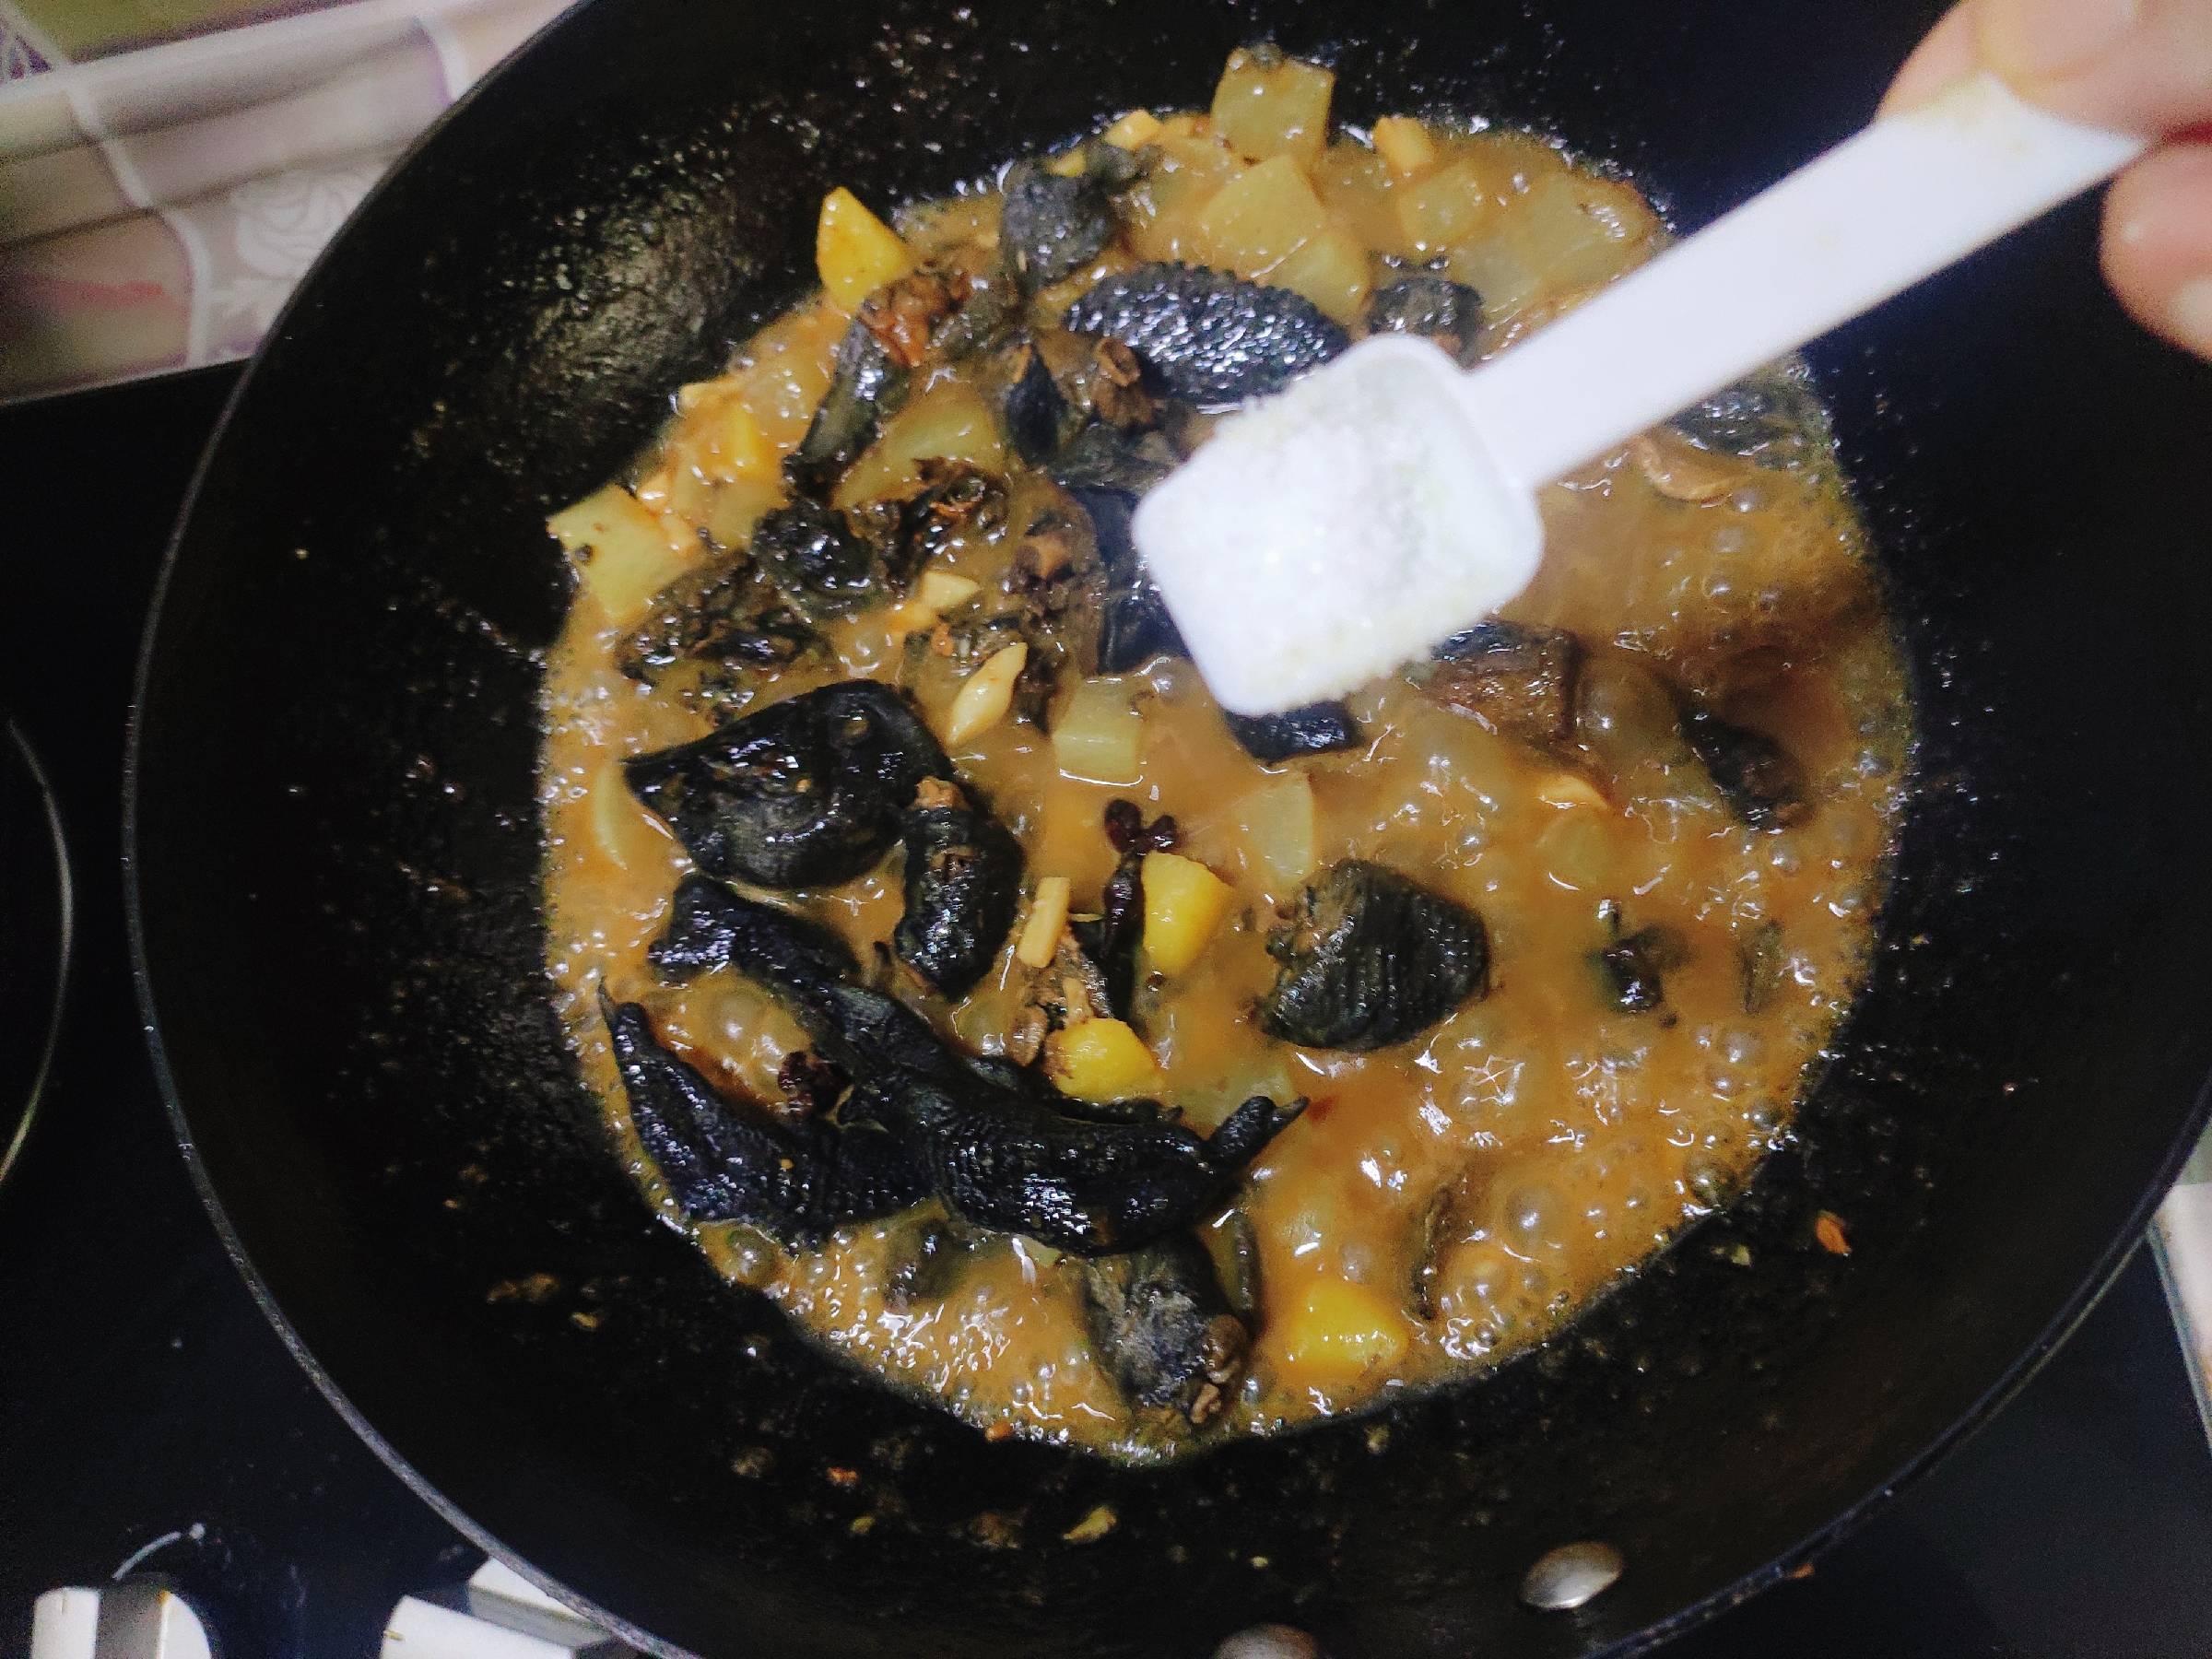 咖喱土豆萝卜炖乌鸡怎么炖